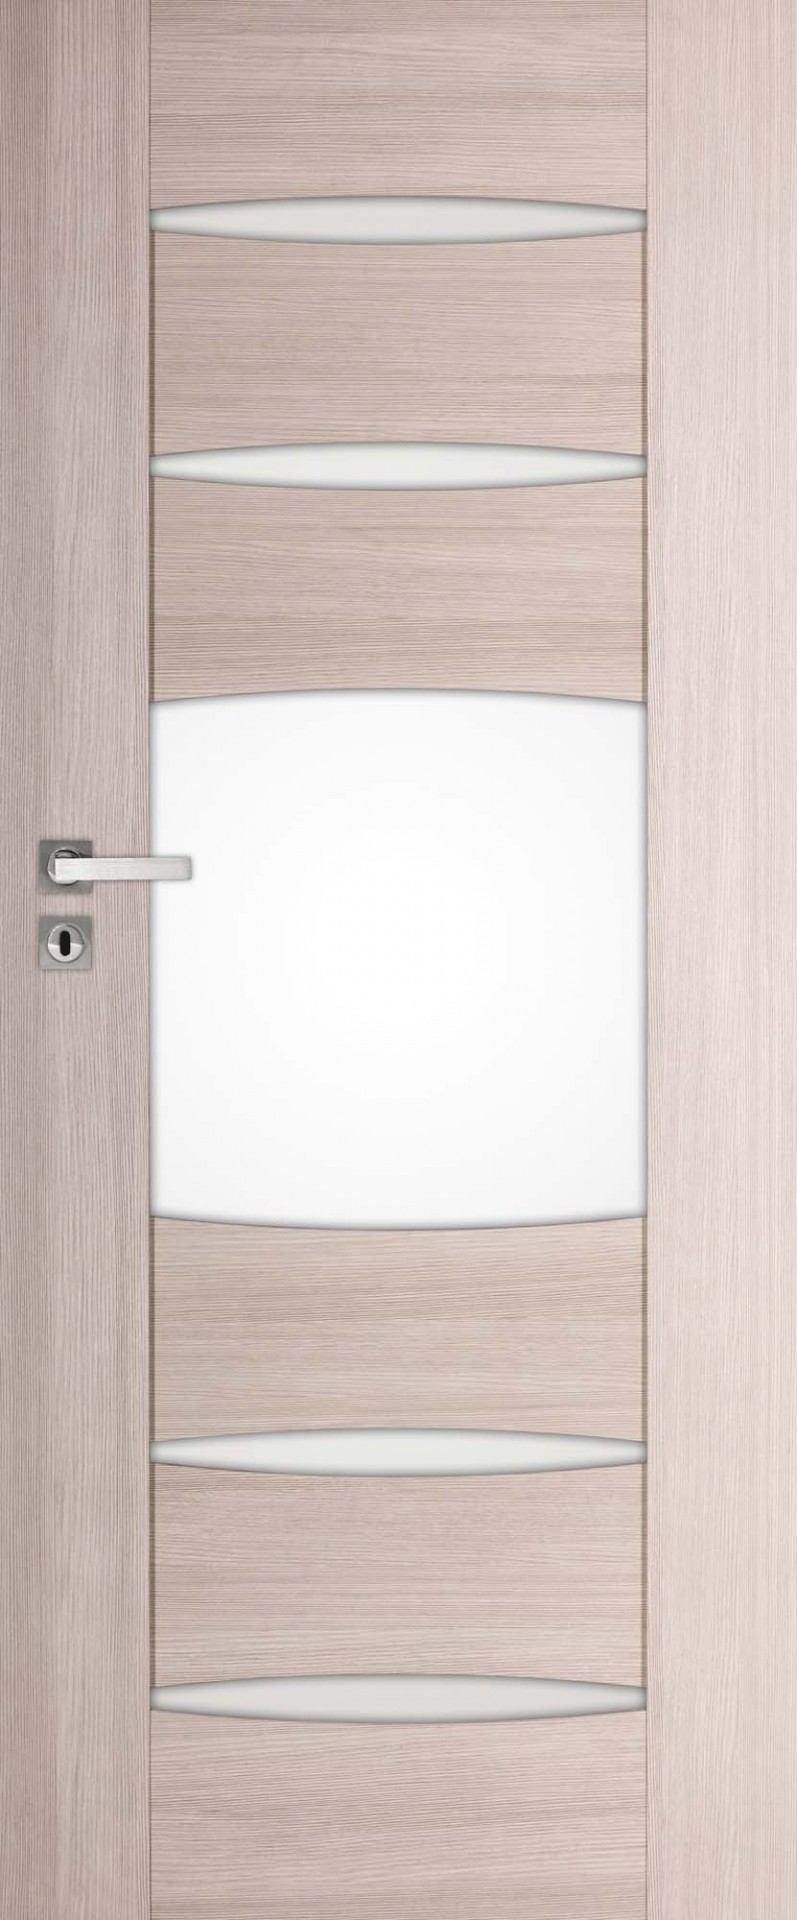 Dre dveře ENA 3, Šíře v cm 80